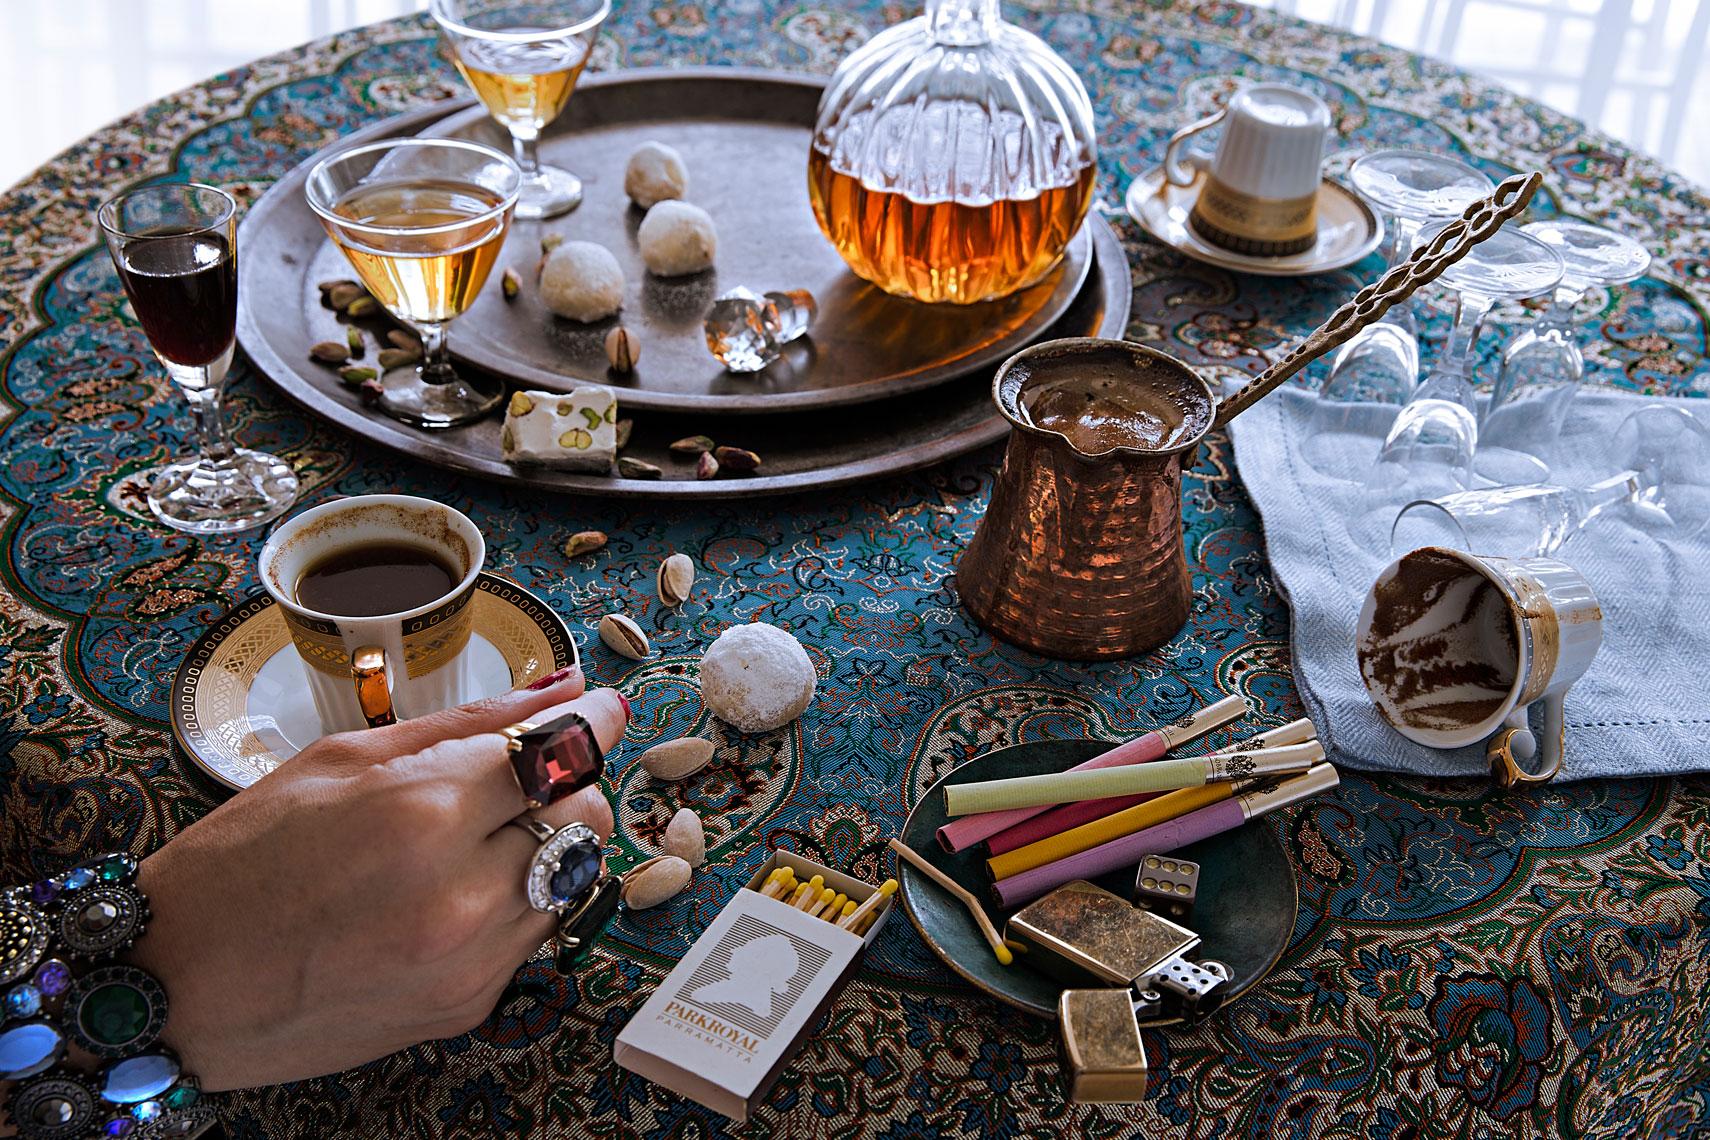 GREEK-COFFEE-AND-SWEETS-01-edit.jpg